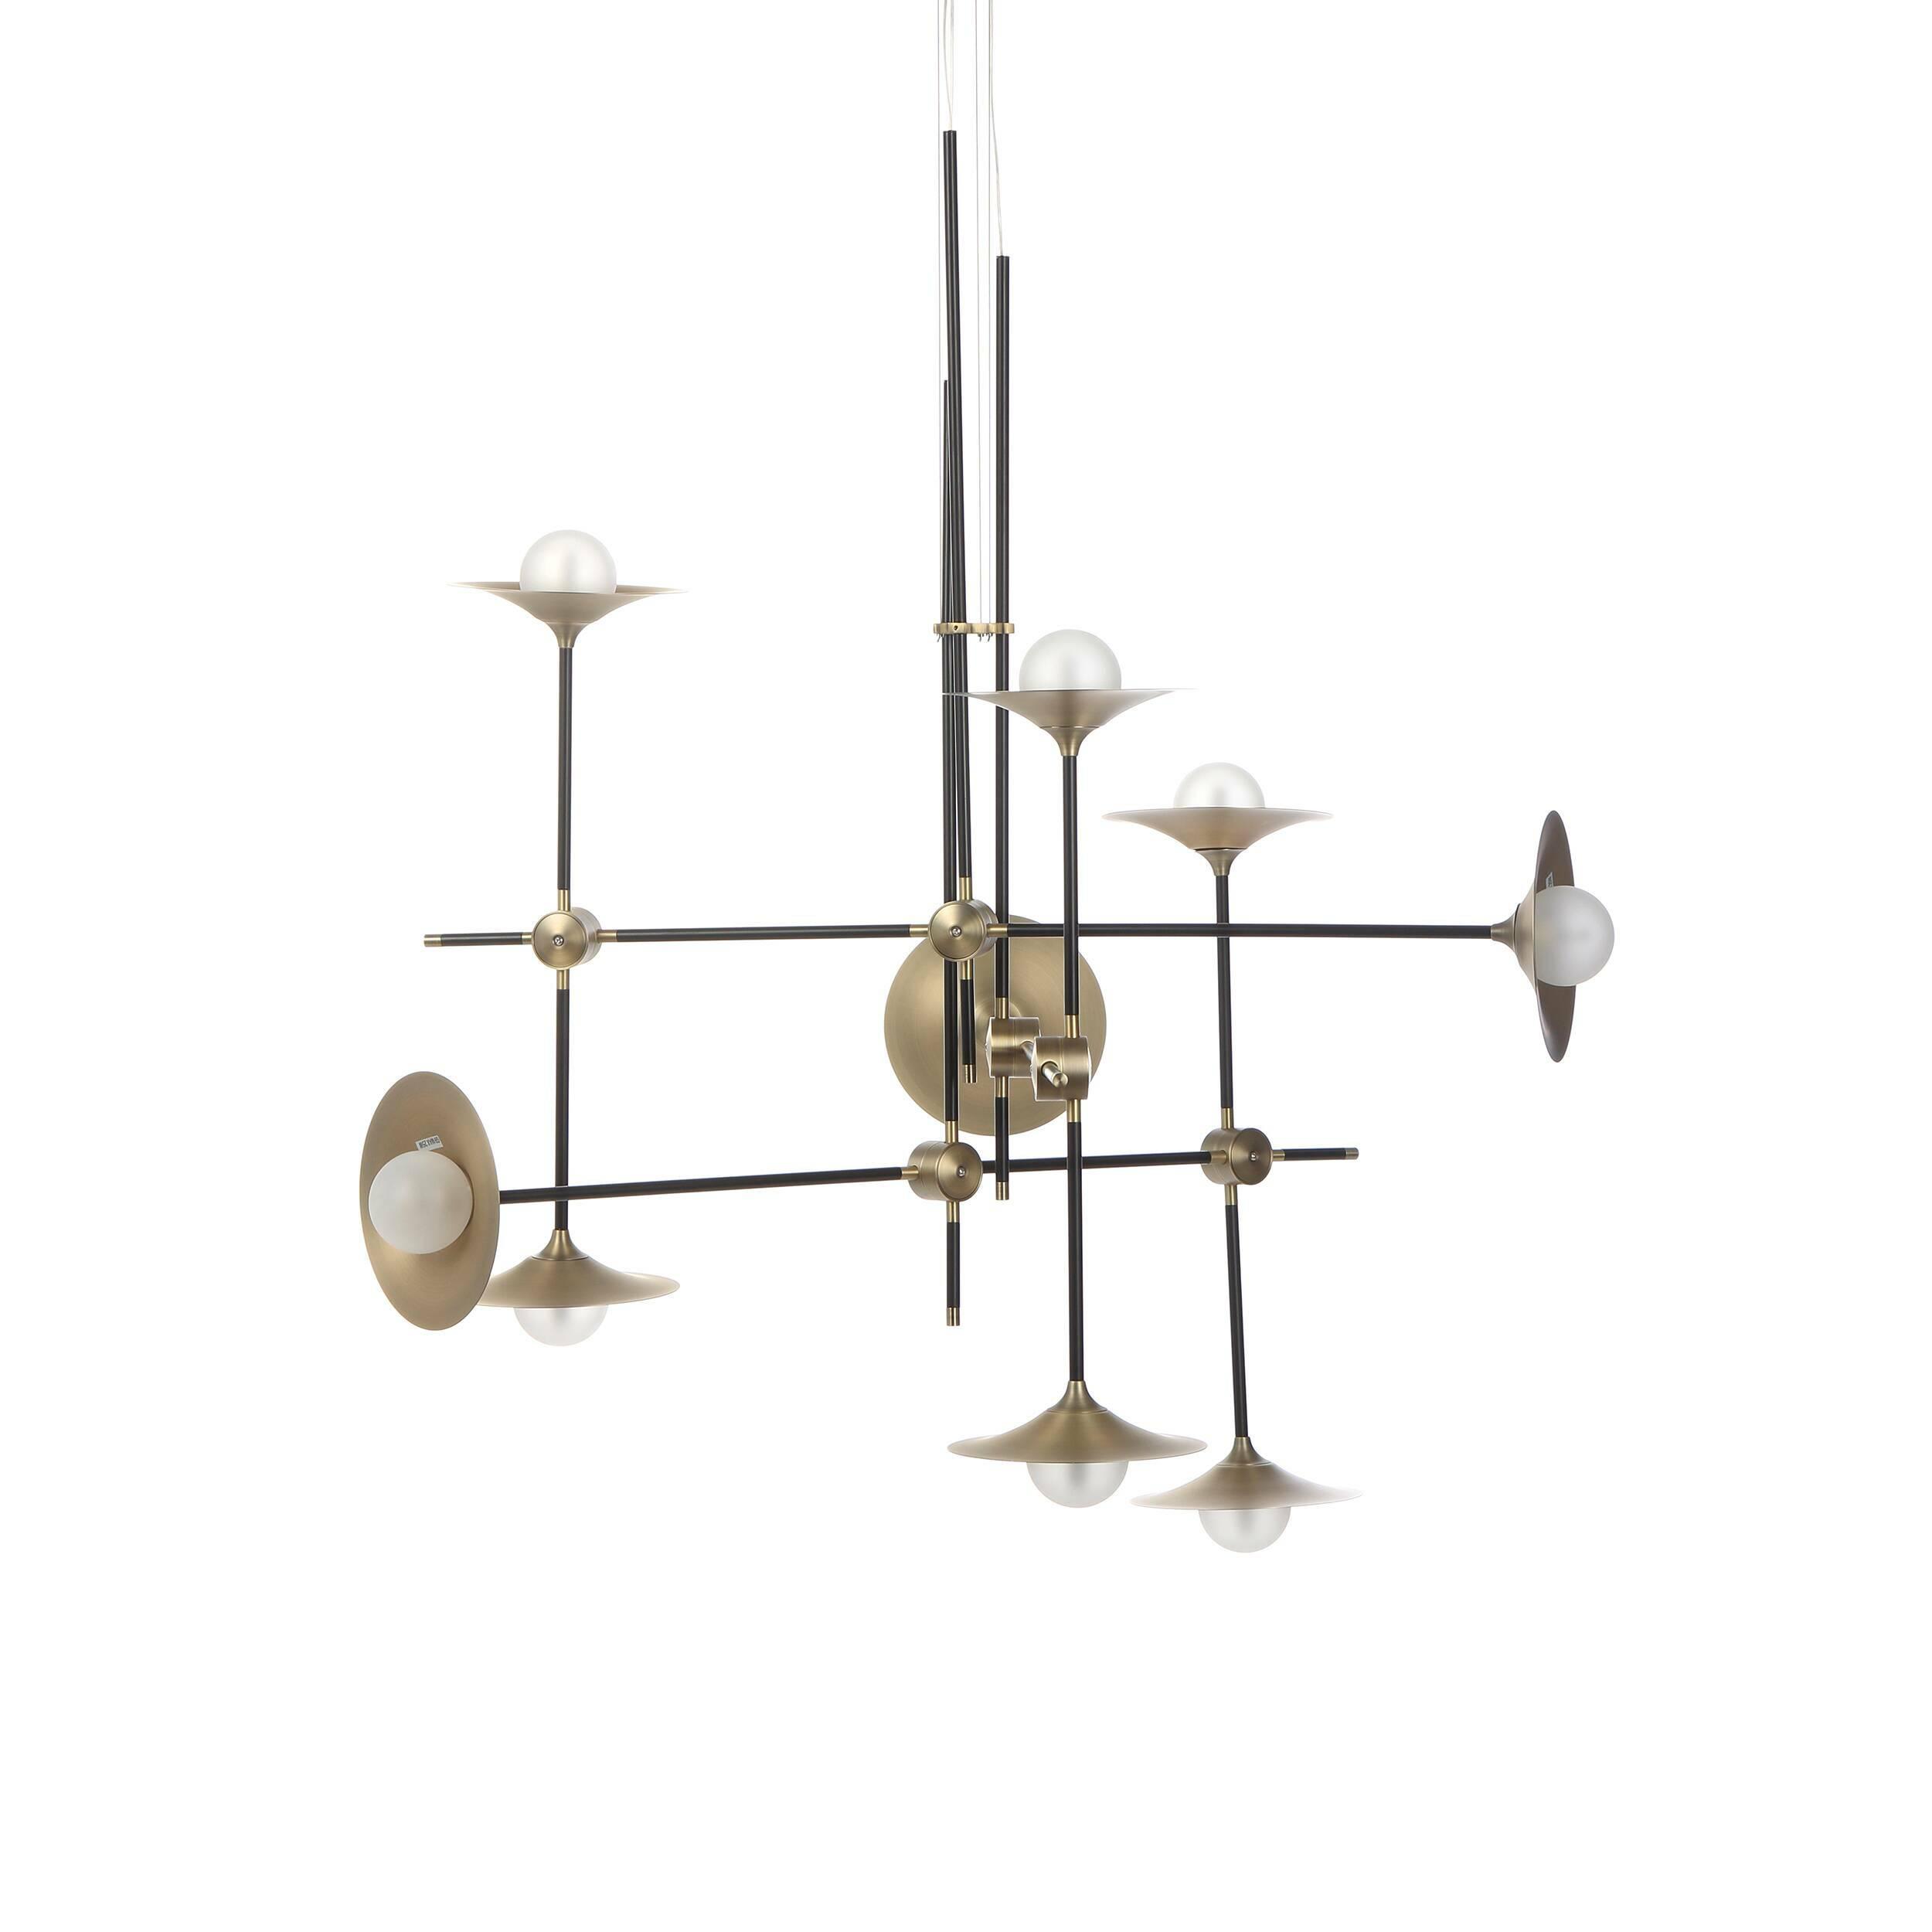 Потолочный светильник Jenkins, 9 лампПотолочные<br>Дизайнерский потолочный светильник Jenkins, 9 ламп представляет собой оригинальную конструкцию из абажуров в стиле минимализм. Сложный на первый взгляд, светильник выполнен из простых лаконичных элементов и может стать отличным дополнением как сложносочиненных интерьеров, так и строгих и минималистичных комнат.<br><br><br> В этом творении прекрасно все – необычная, интересная конструкция, стильная цветовая гамма, тщательно продуманное расположение ламп. Мастера подошли со всей внимательностью ...<br><br>stock: 7<br>Высота: 170<br>Длина: 100<br>Материал абажура: Стекло<br>Материал арматуры: Металл<br>Мощность лампы: 2<br>Тип лампы/цоколь: G9<br>Цвет абажура: Латунь<br>Цвет арматуры: Черный матовый